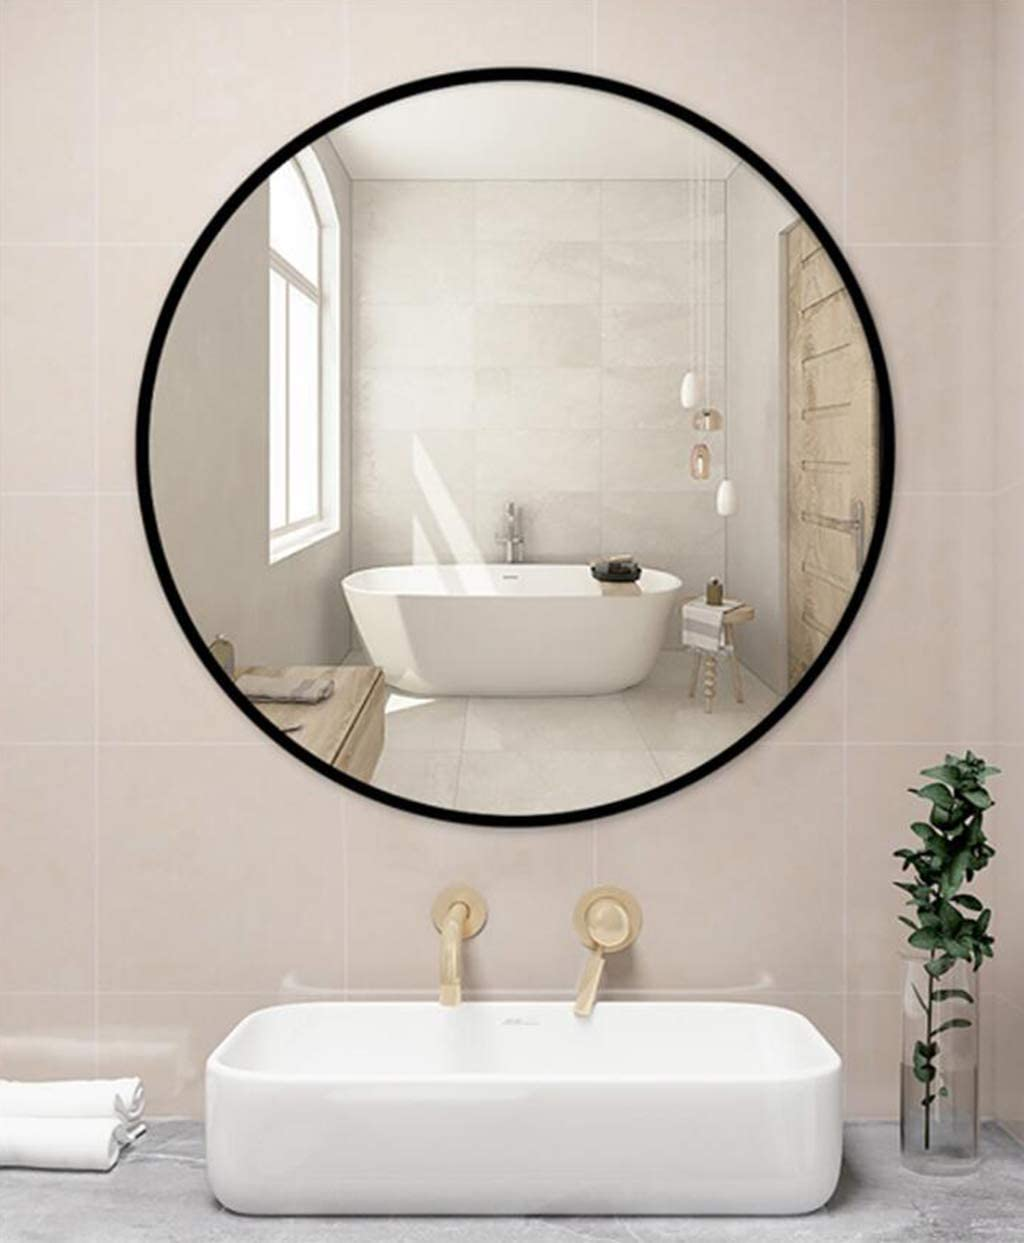 Espejo de pared grande círculo negro - Espejo redondo con ...